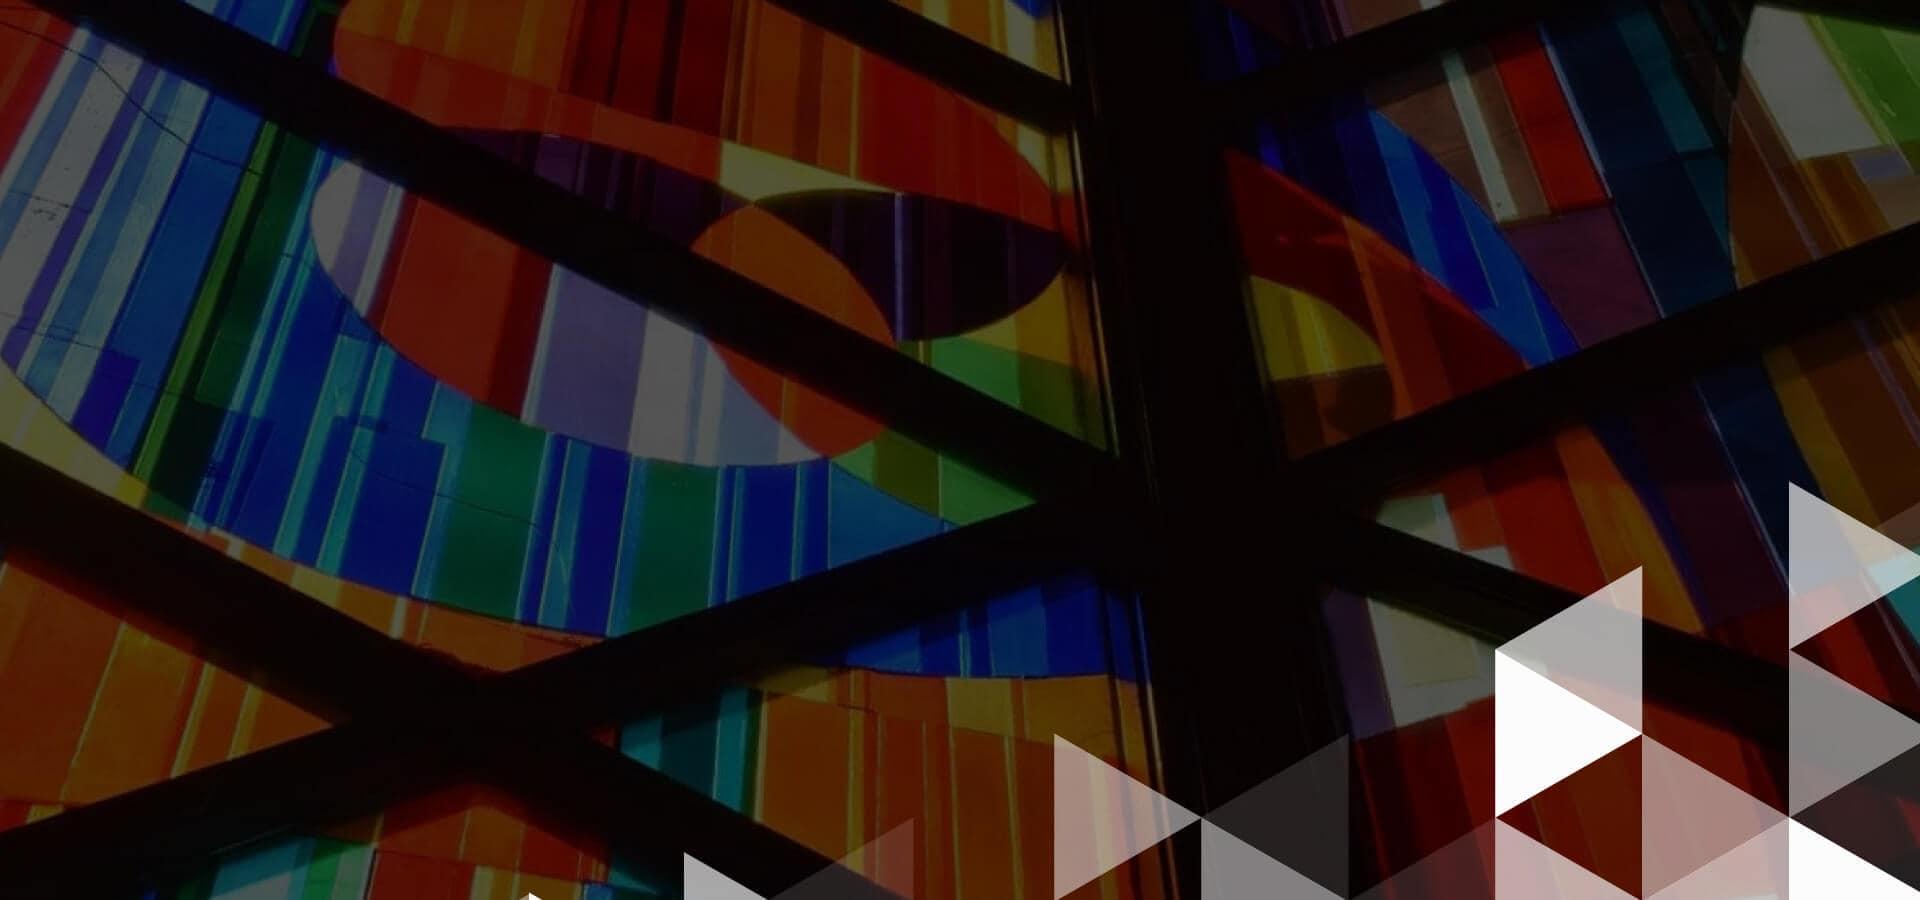 espace-culturel-vitrail-evenement-exposition (1)